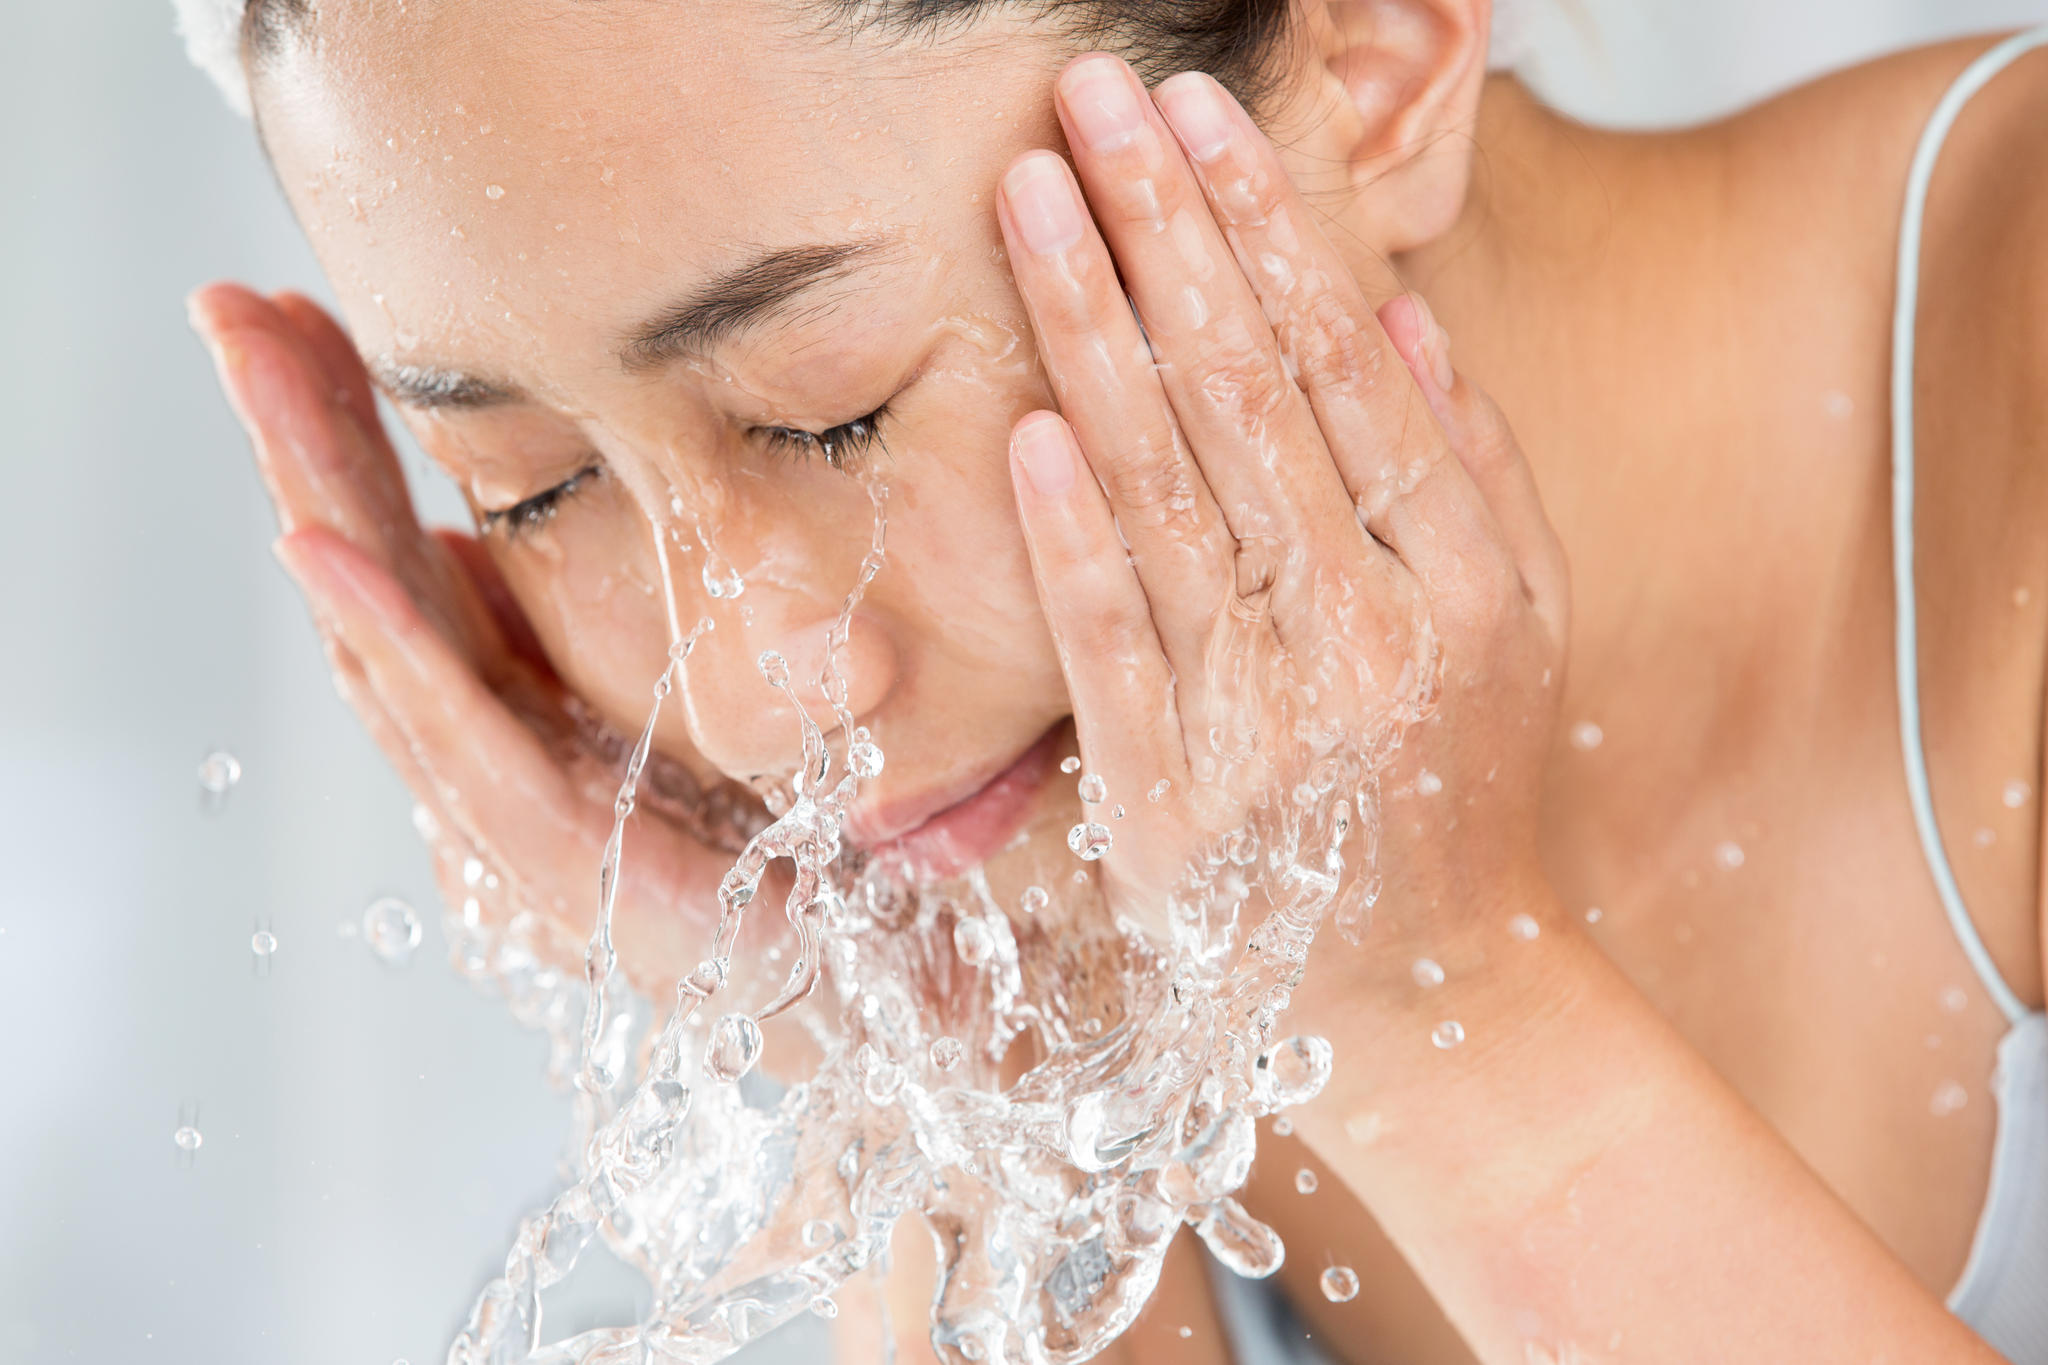 Hautausschlag im Gesicht: Frau reinigt ihr Gesicht.